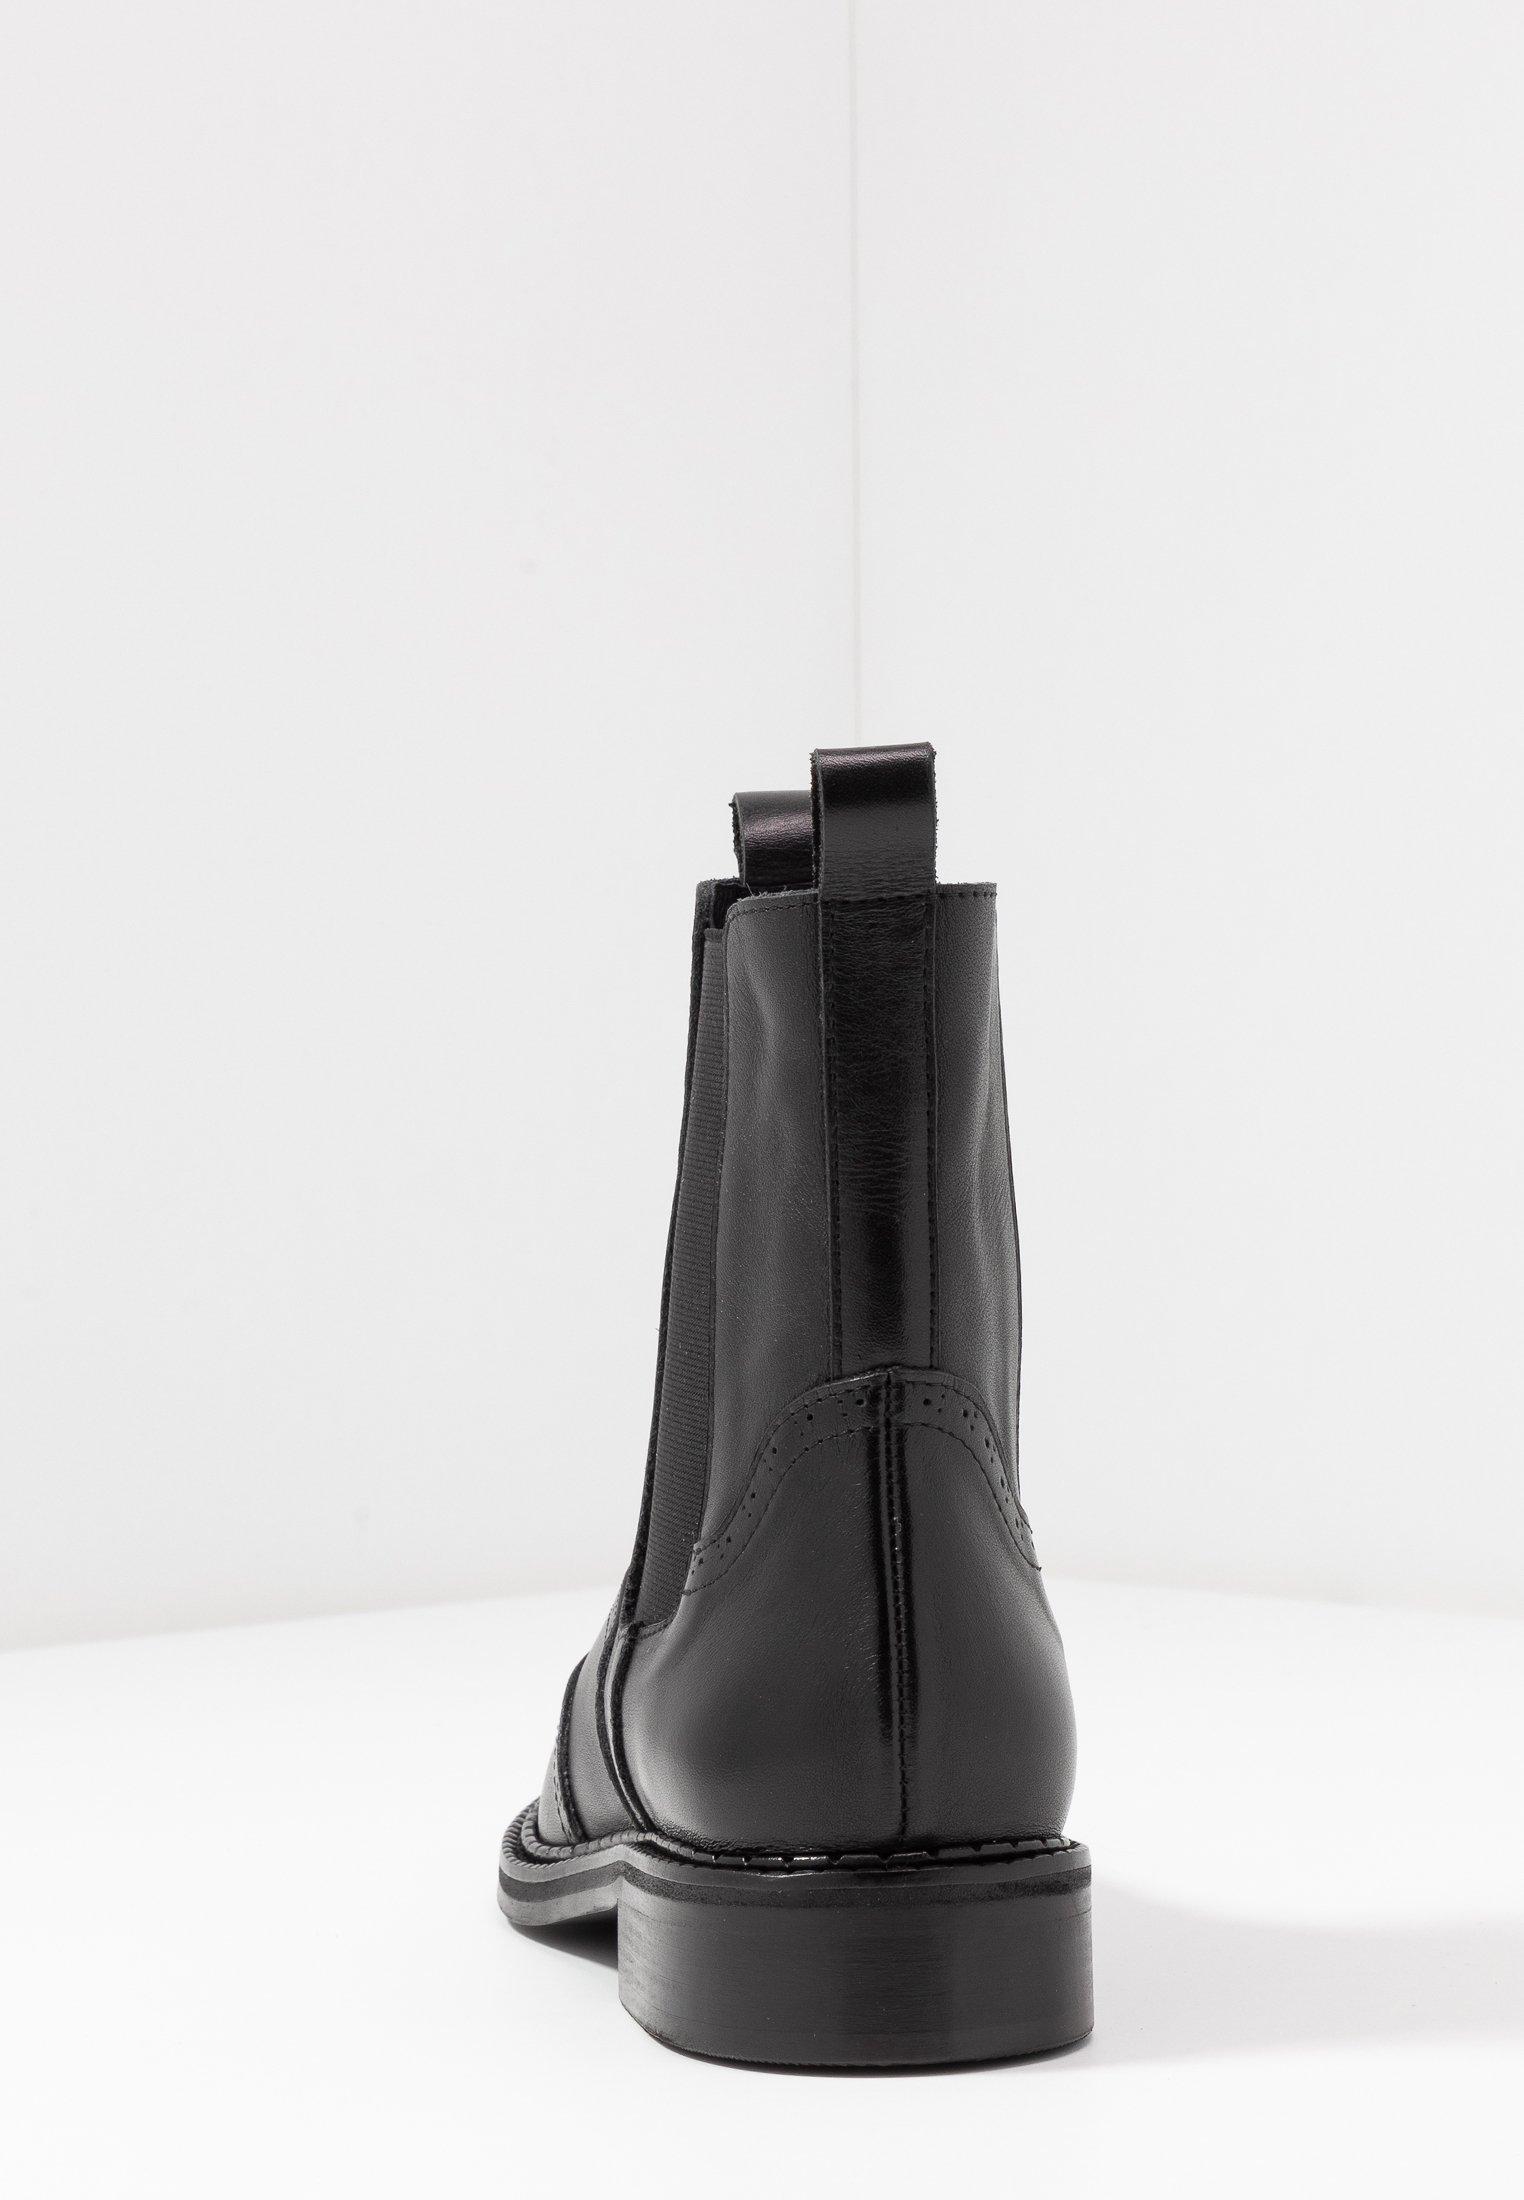 Zign Korte laarzen black Zalando.nl